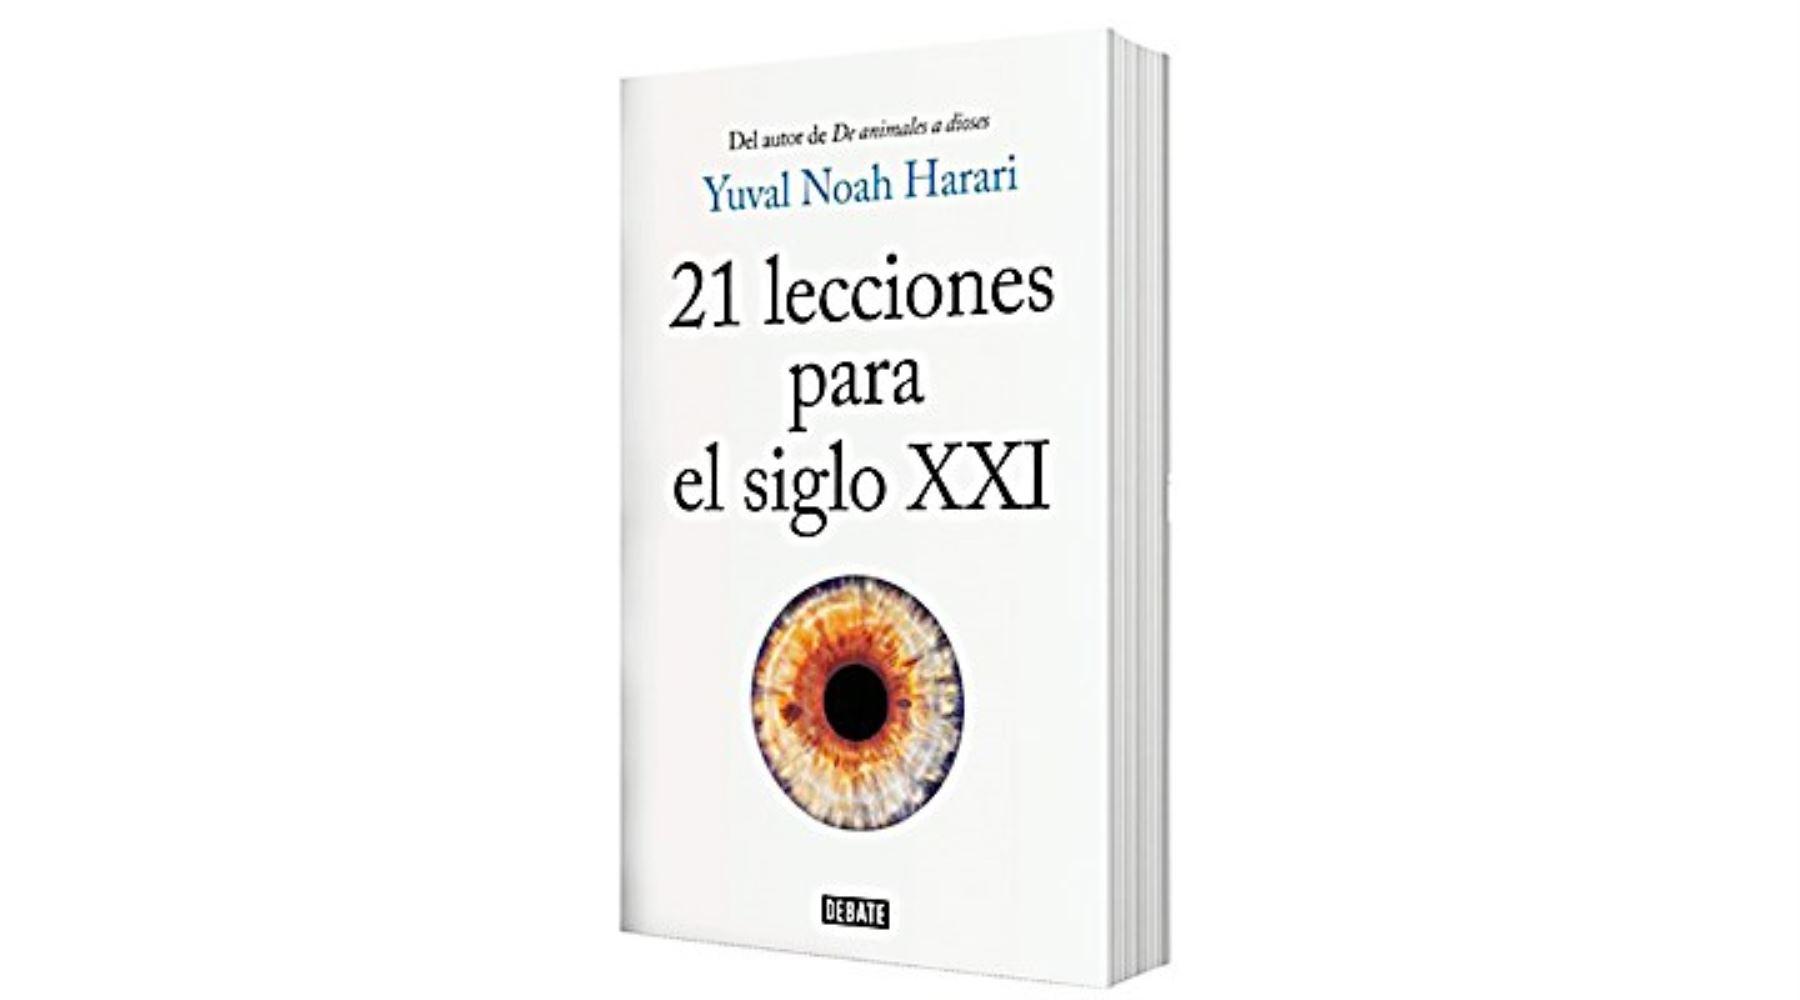 """Portada del libro """"21 lecciones para el siglo XXI"""" de Yuval Nova Harari."""